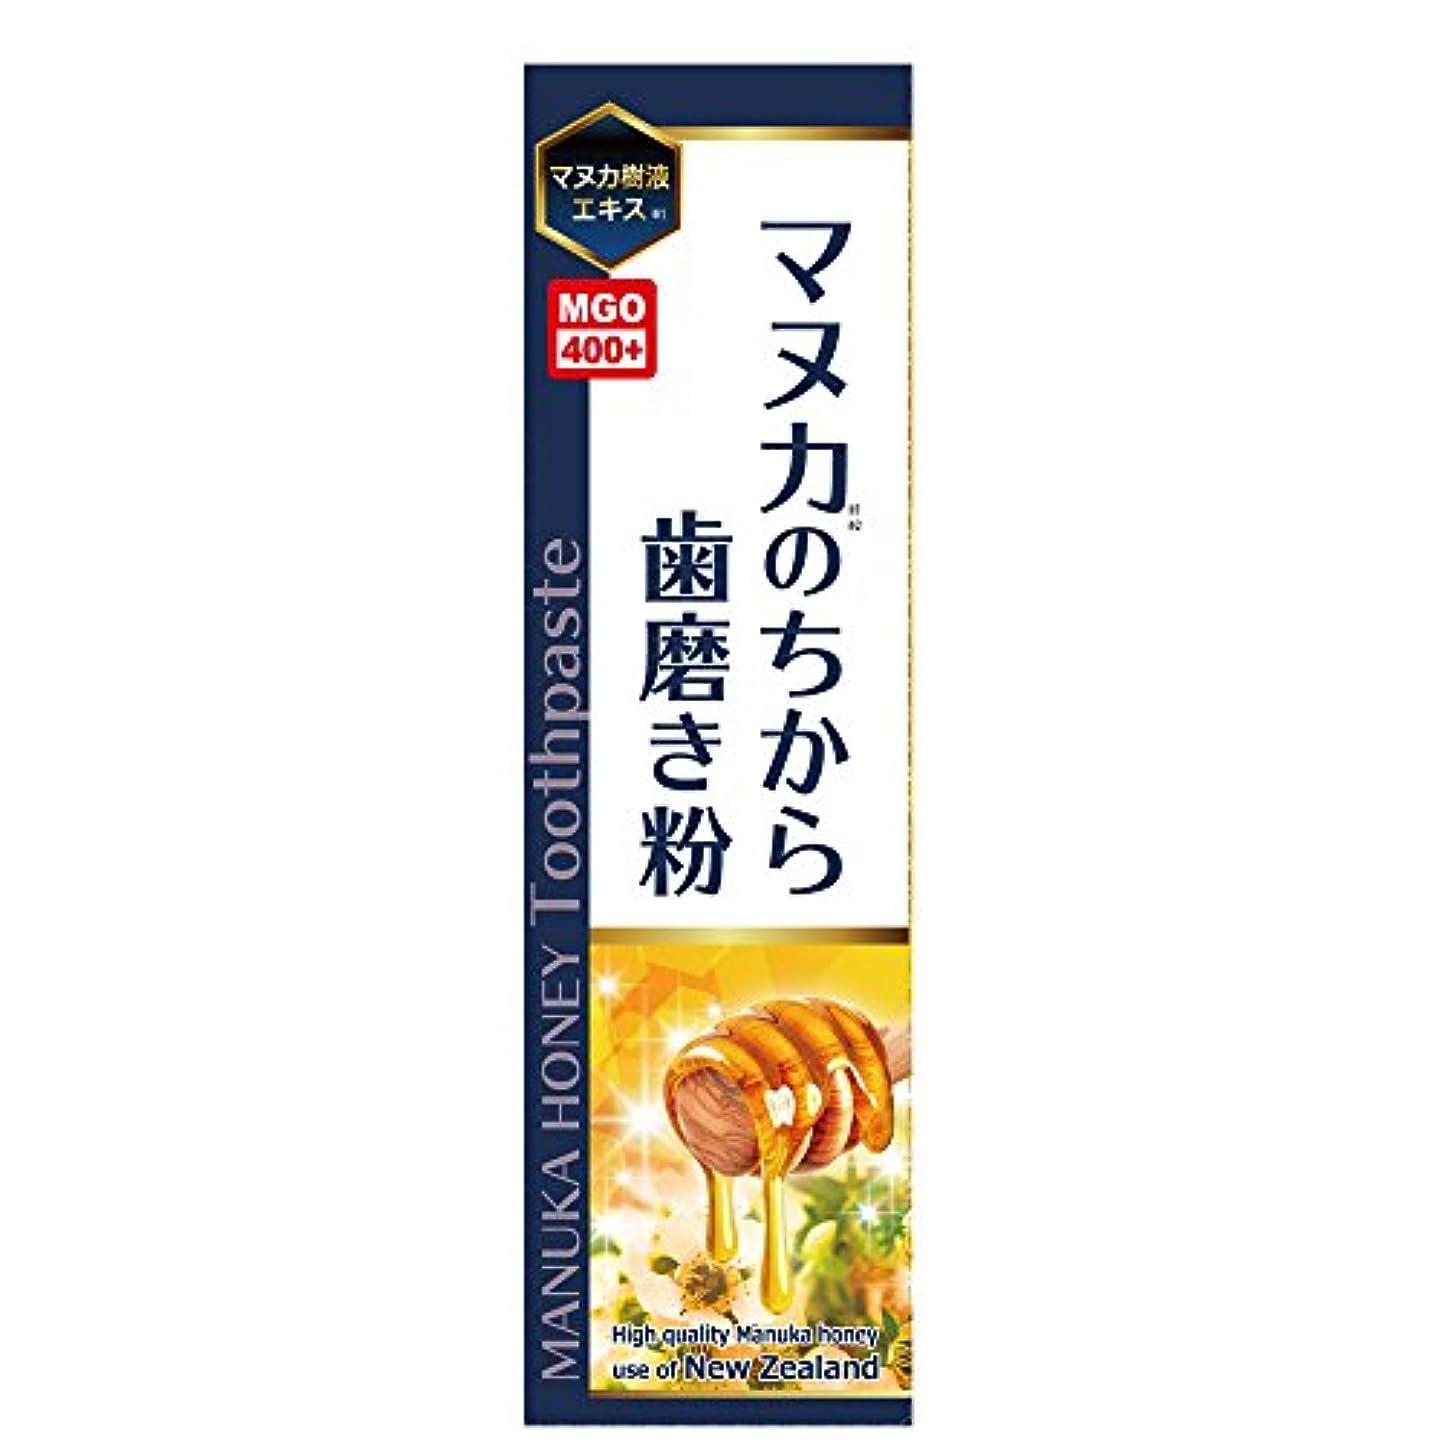 主排出気配りのあるマヌカのちから歯磨き粉 ハチミツレモン味 100g